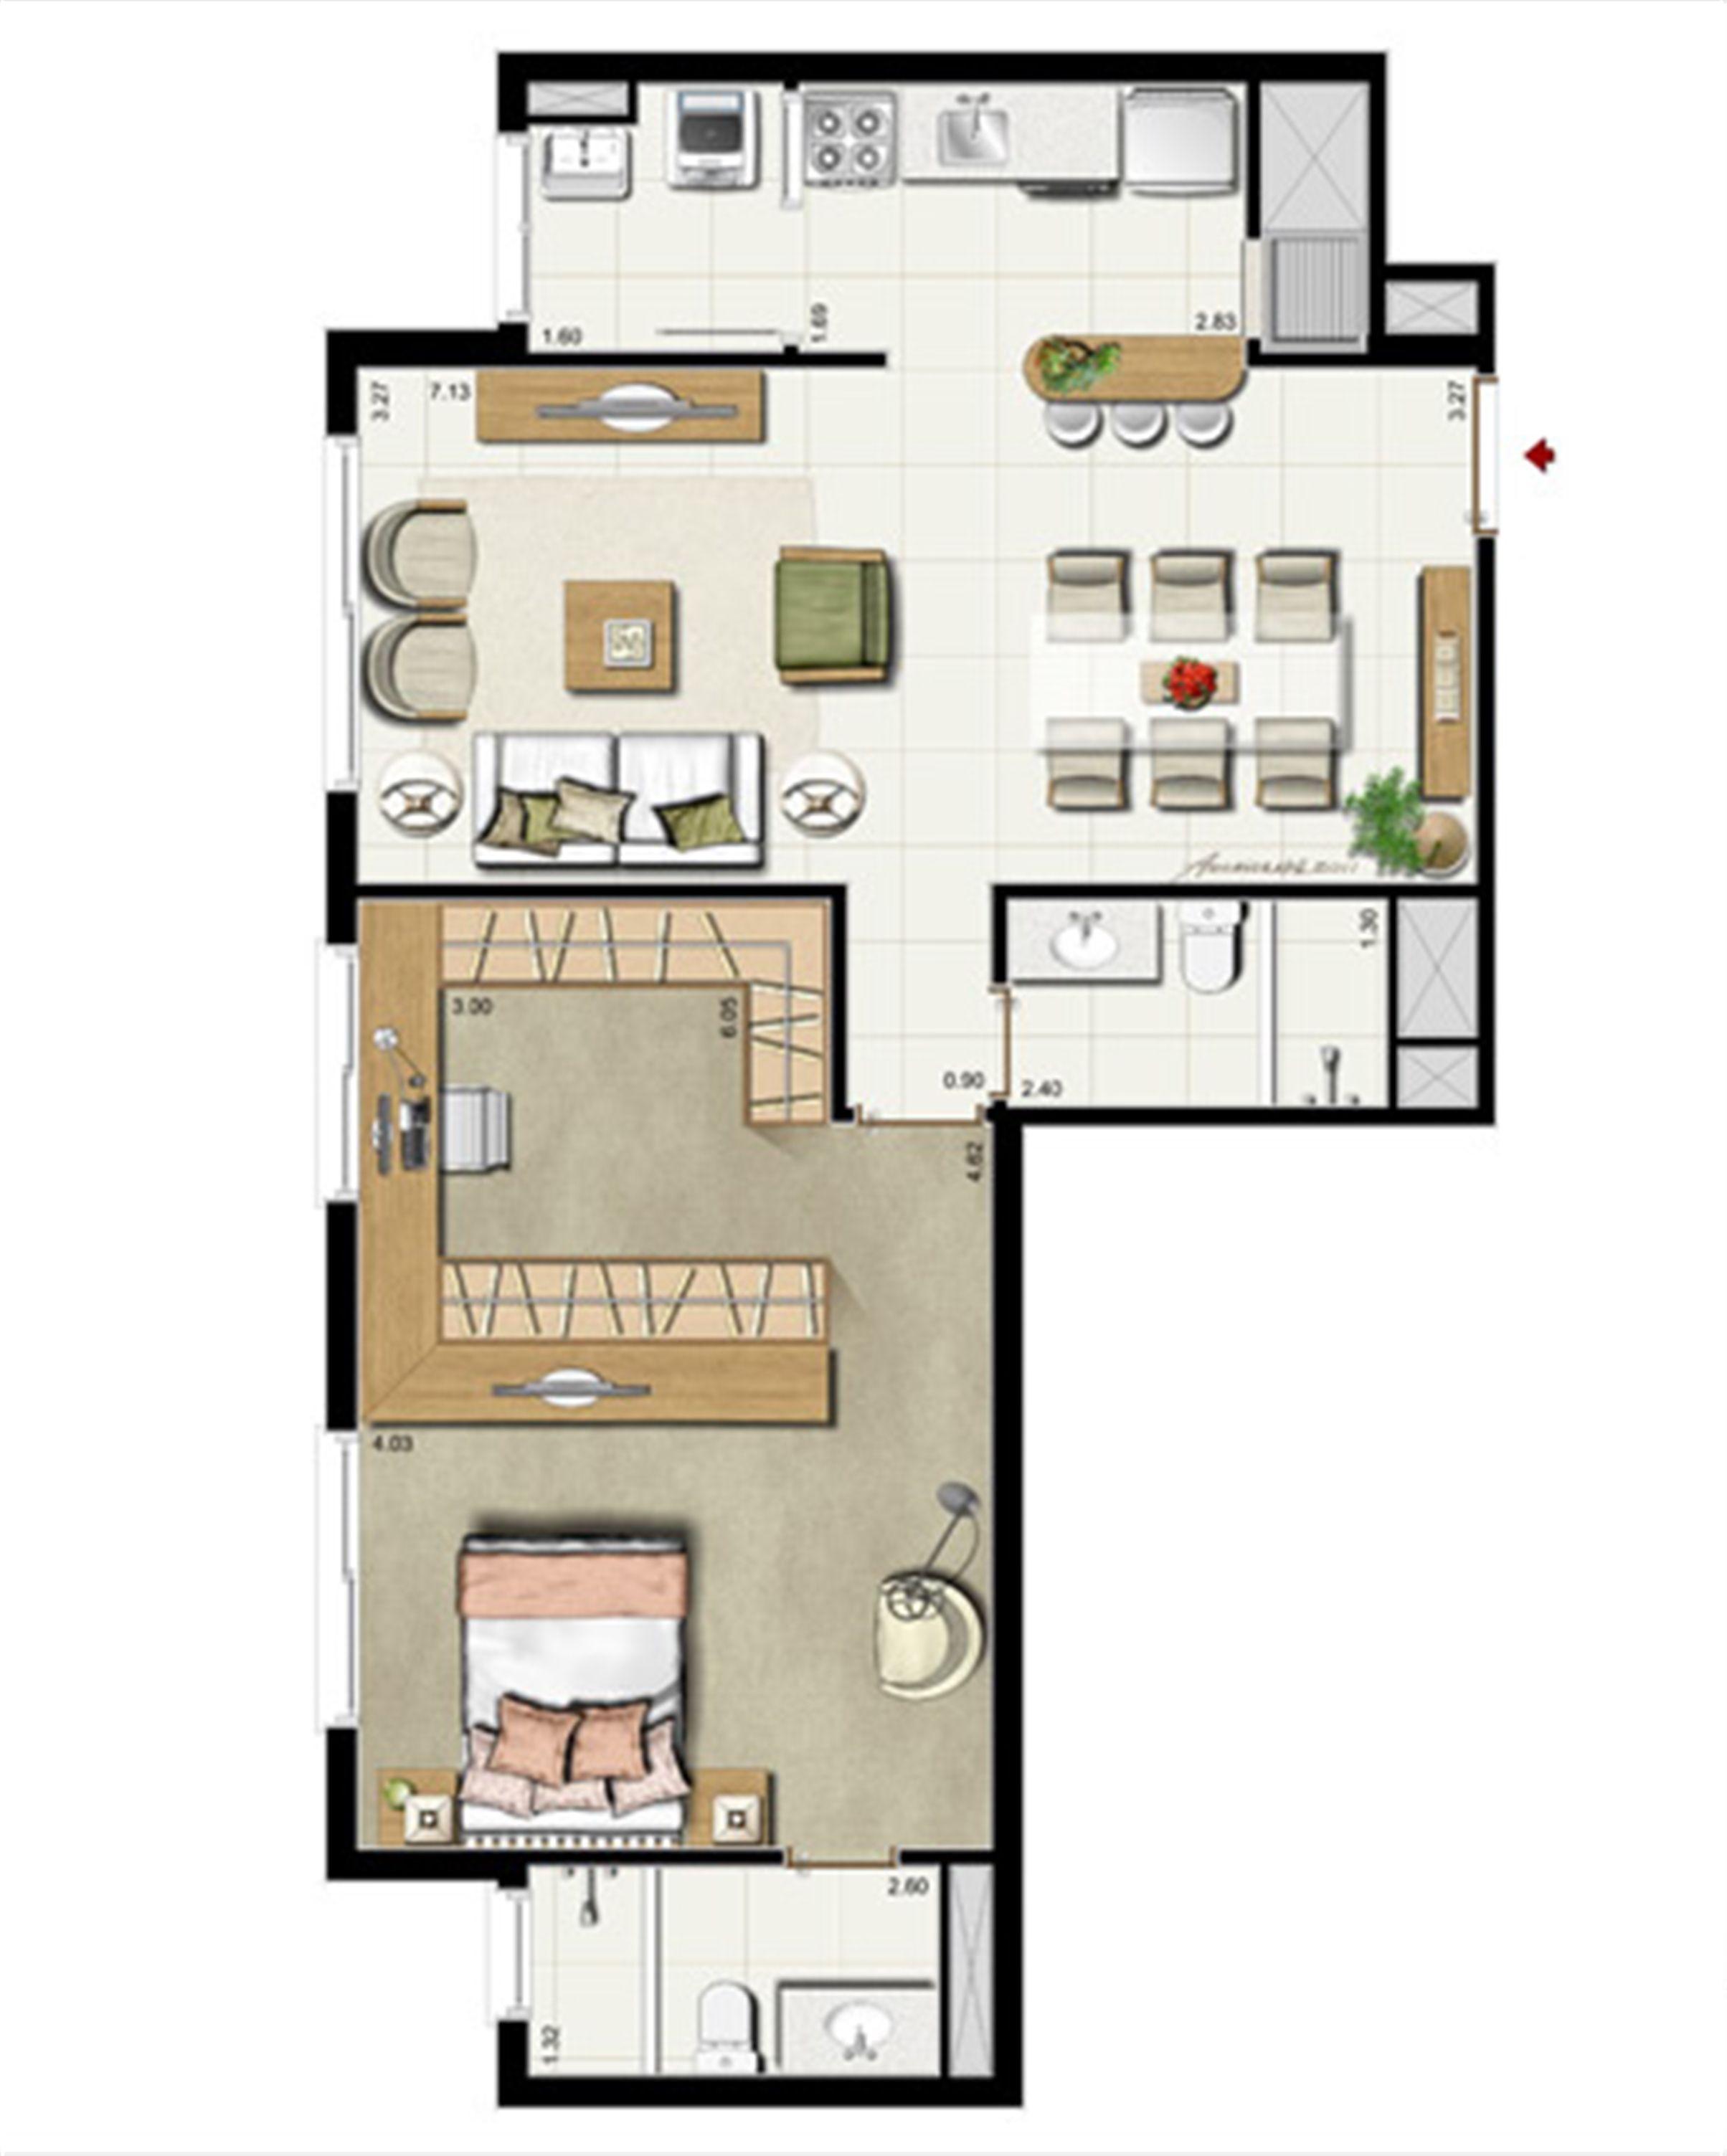 1 suíte - Opção Suíte Master 75 m² privativos - 118 m² de área total | Riserva Anita – Apartamento na  Boa Vista - Porto Alegre - Rio Grande do Sul